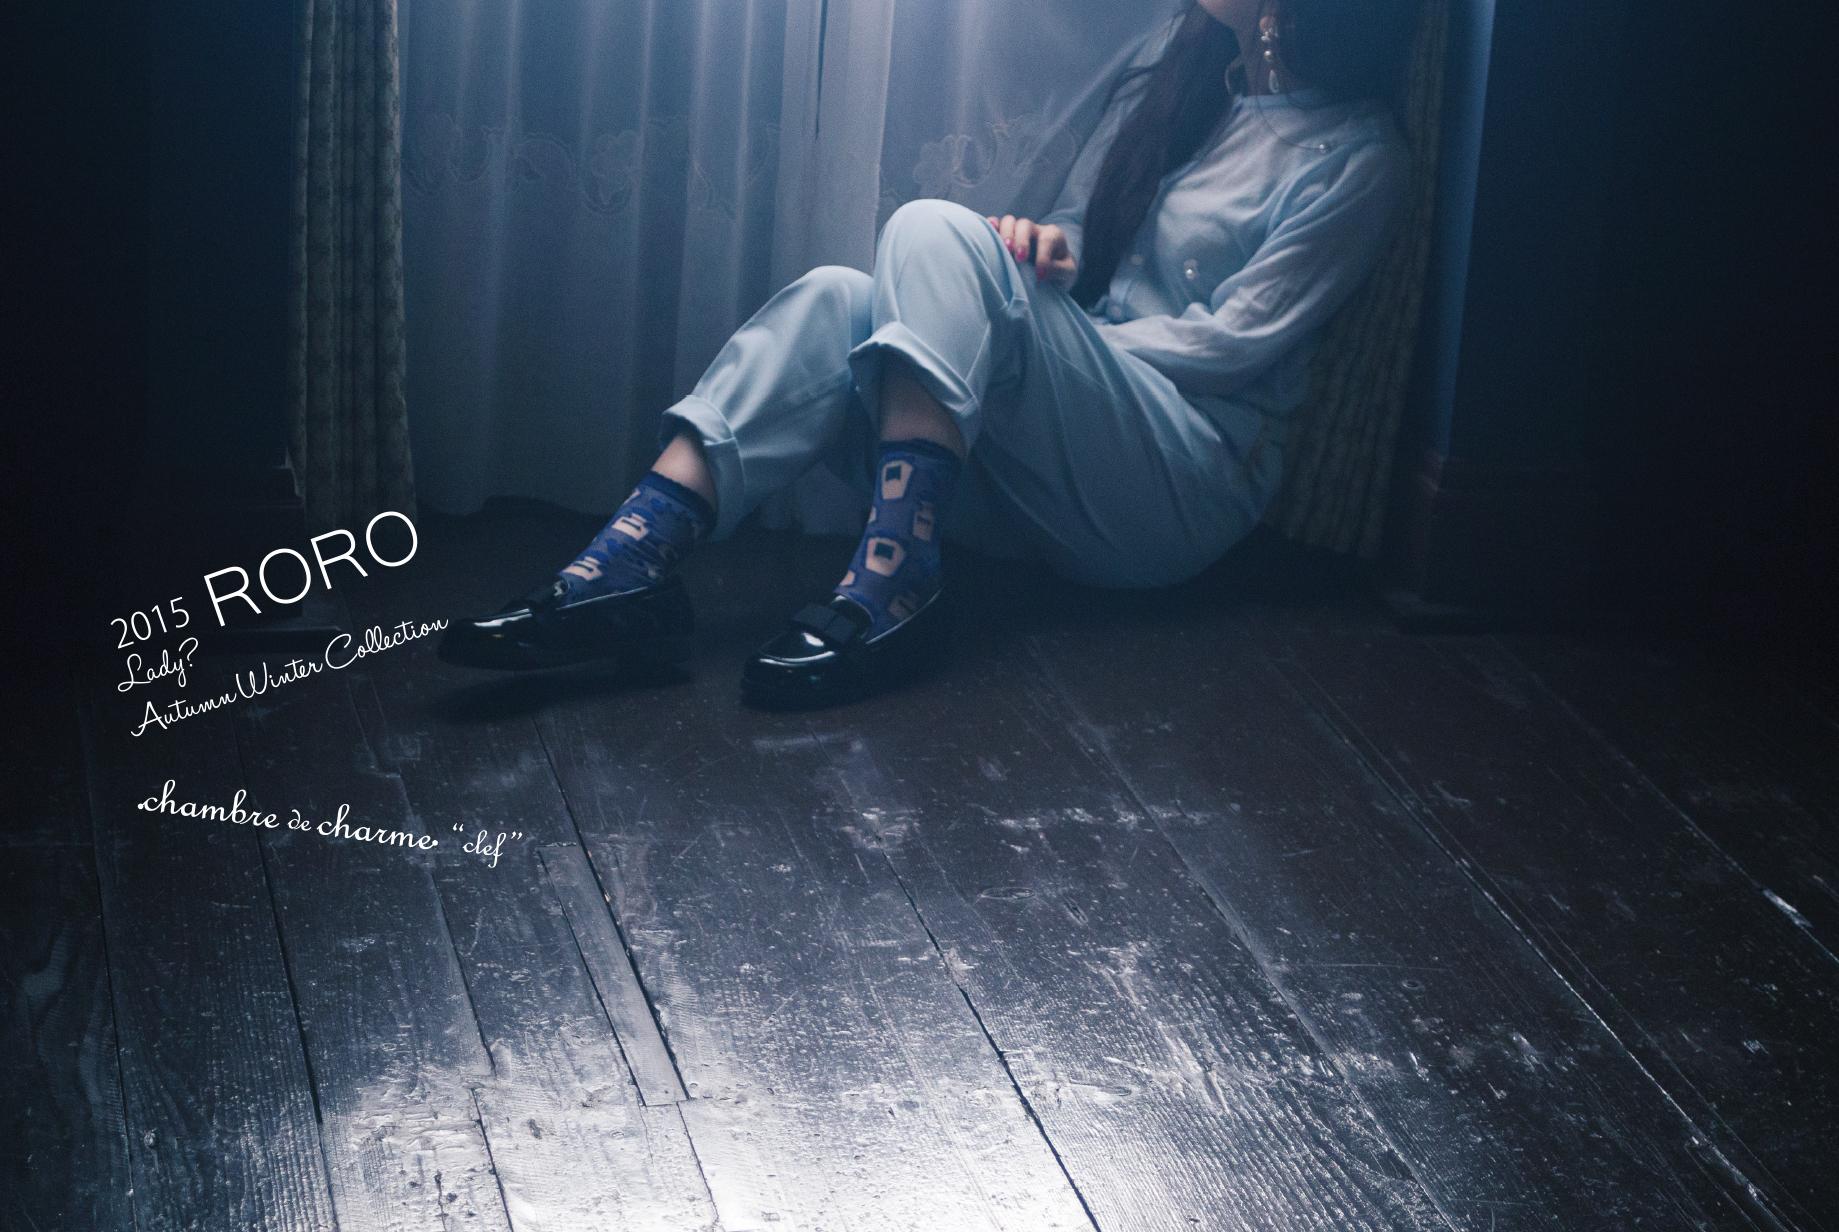 roro a w fair chambre de charme clef roro socks